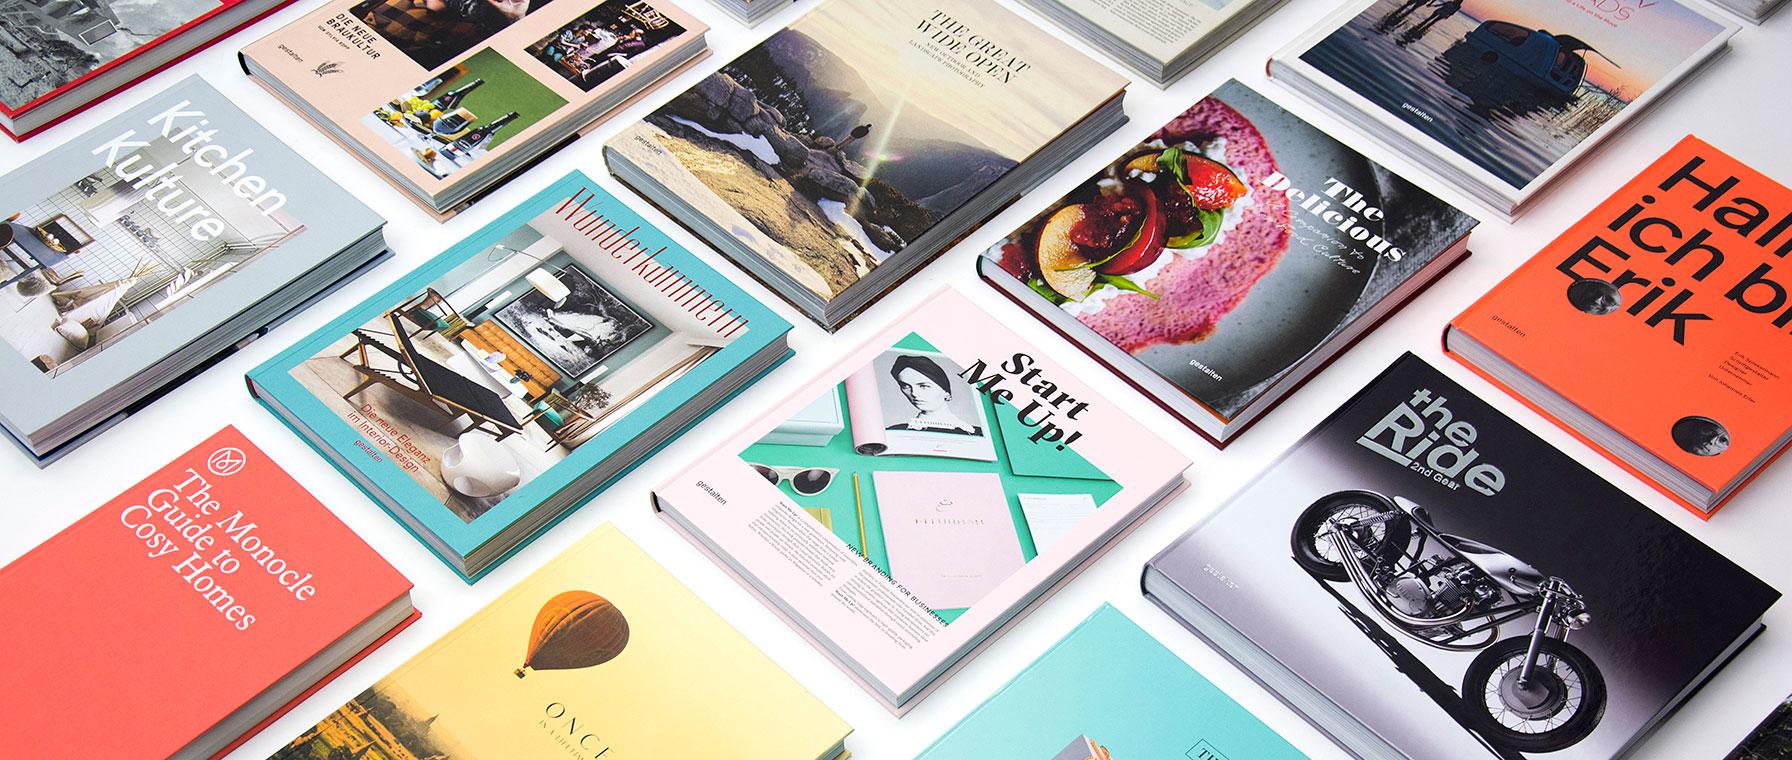 Gestalten Verlag Not Another Concept Store